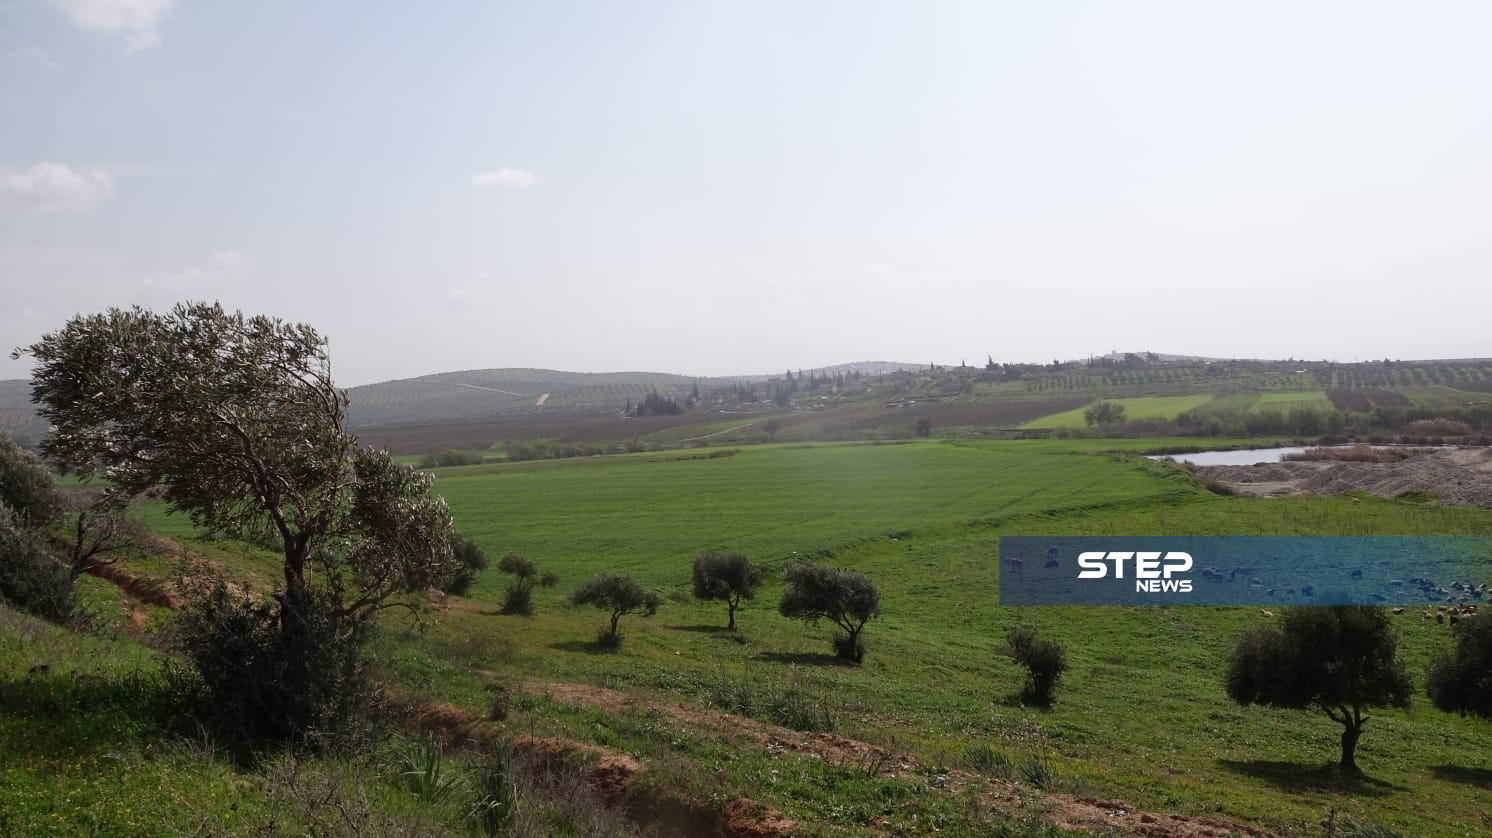 خاص|| عفرين.. محطات هامة من لحظة خروجها من قبضة الأسد وصولًا لتهجير أهلها على يد المعارضة الموالية لتركيا